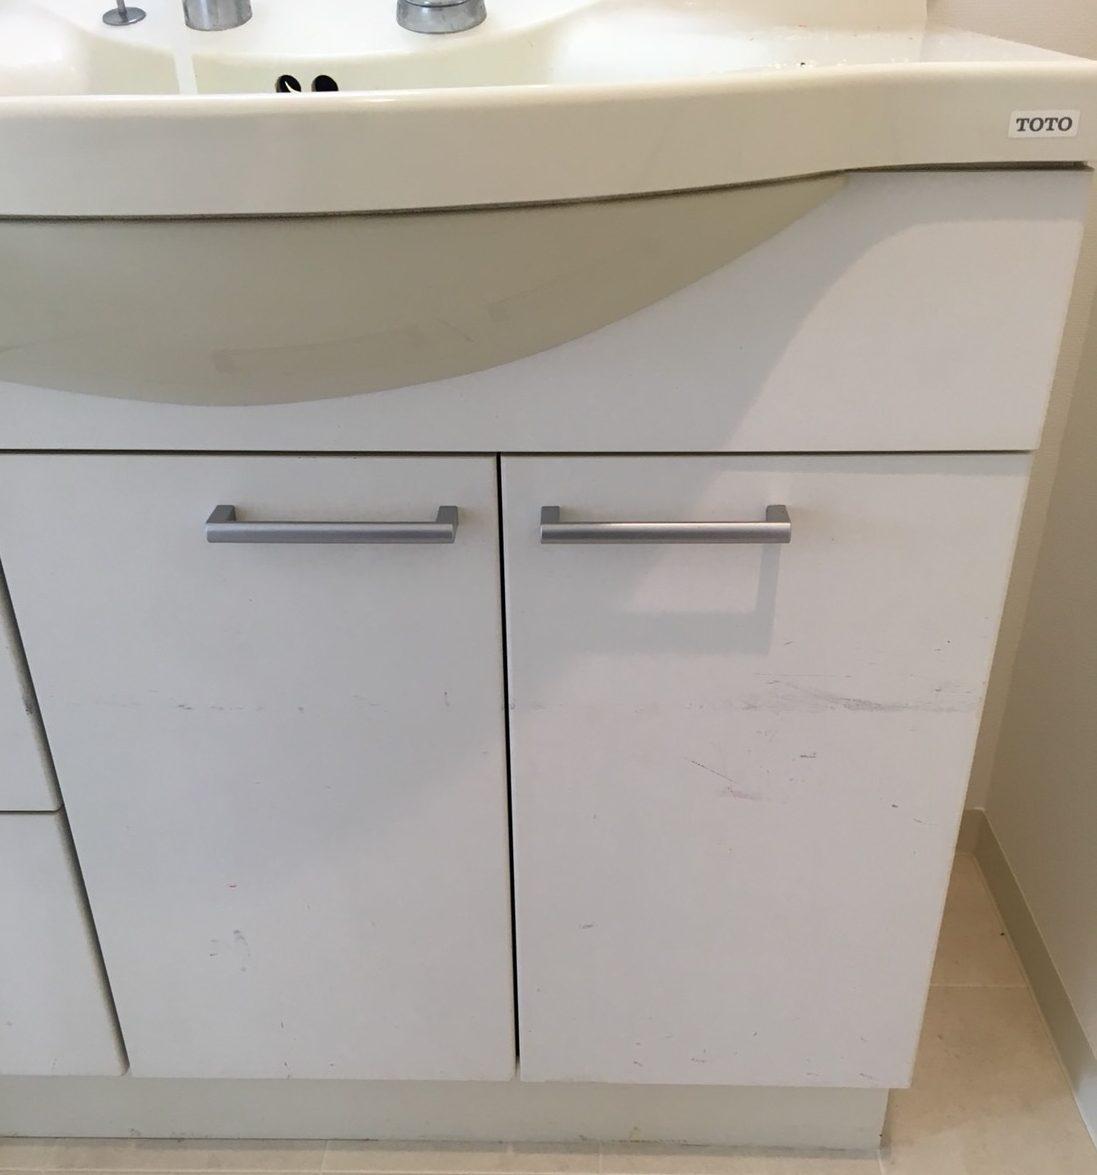 水回り/洗面台クリーニング♪扉の汚れ ピカピカな洗面所!ハウスクリーニングはおそうじプラスまで!